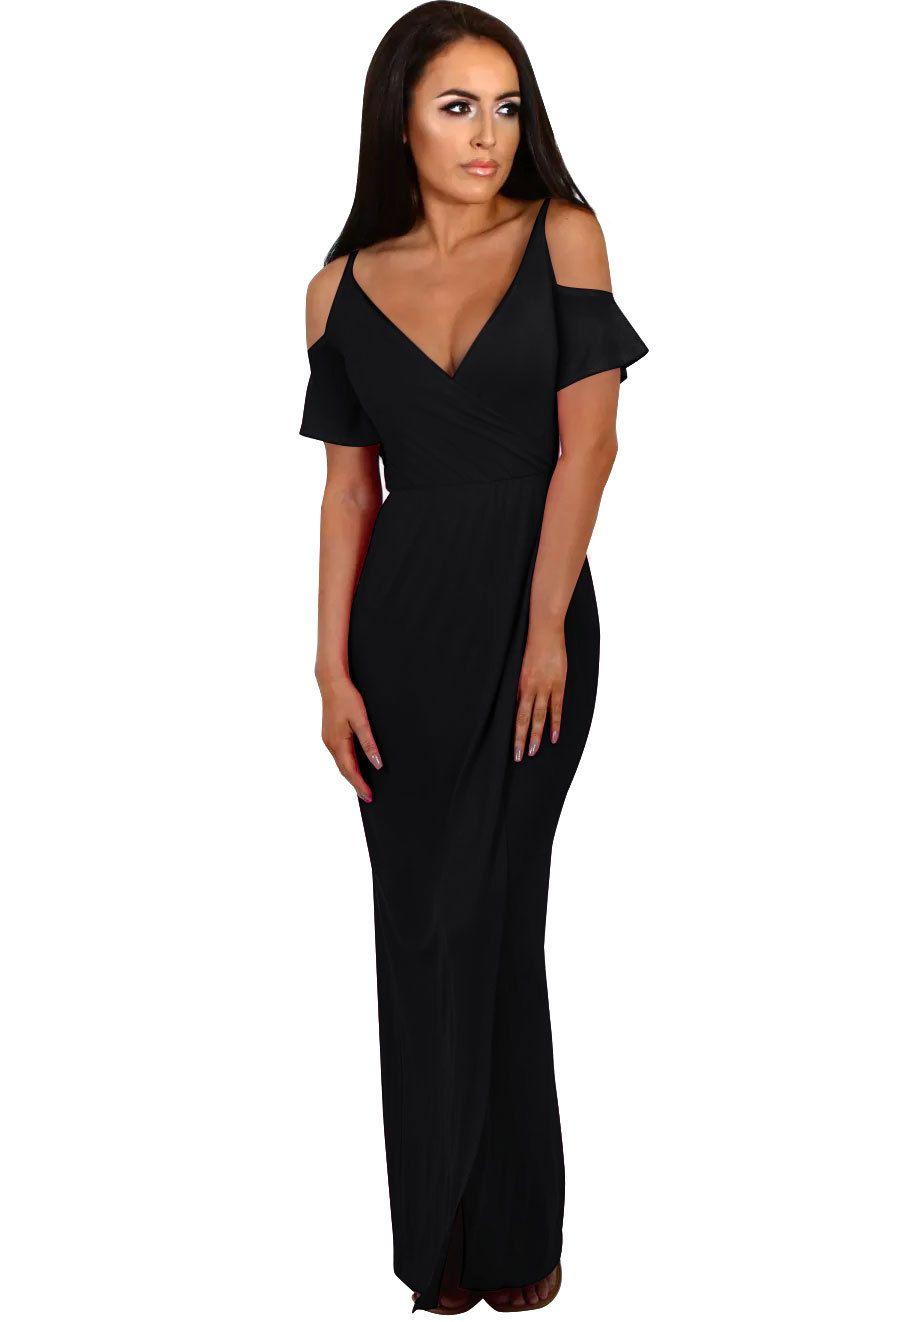 e06f3c4a1f53cd 2017 Sommer Mode Schöne Lange Kleider Strand Nehmen Fotos Europäischen Und  Amerikanischen Heißen Frauen Party Kleider Sexy Club Maxi Kleid